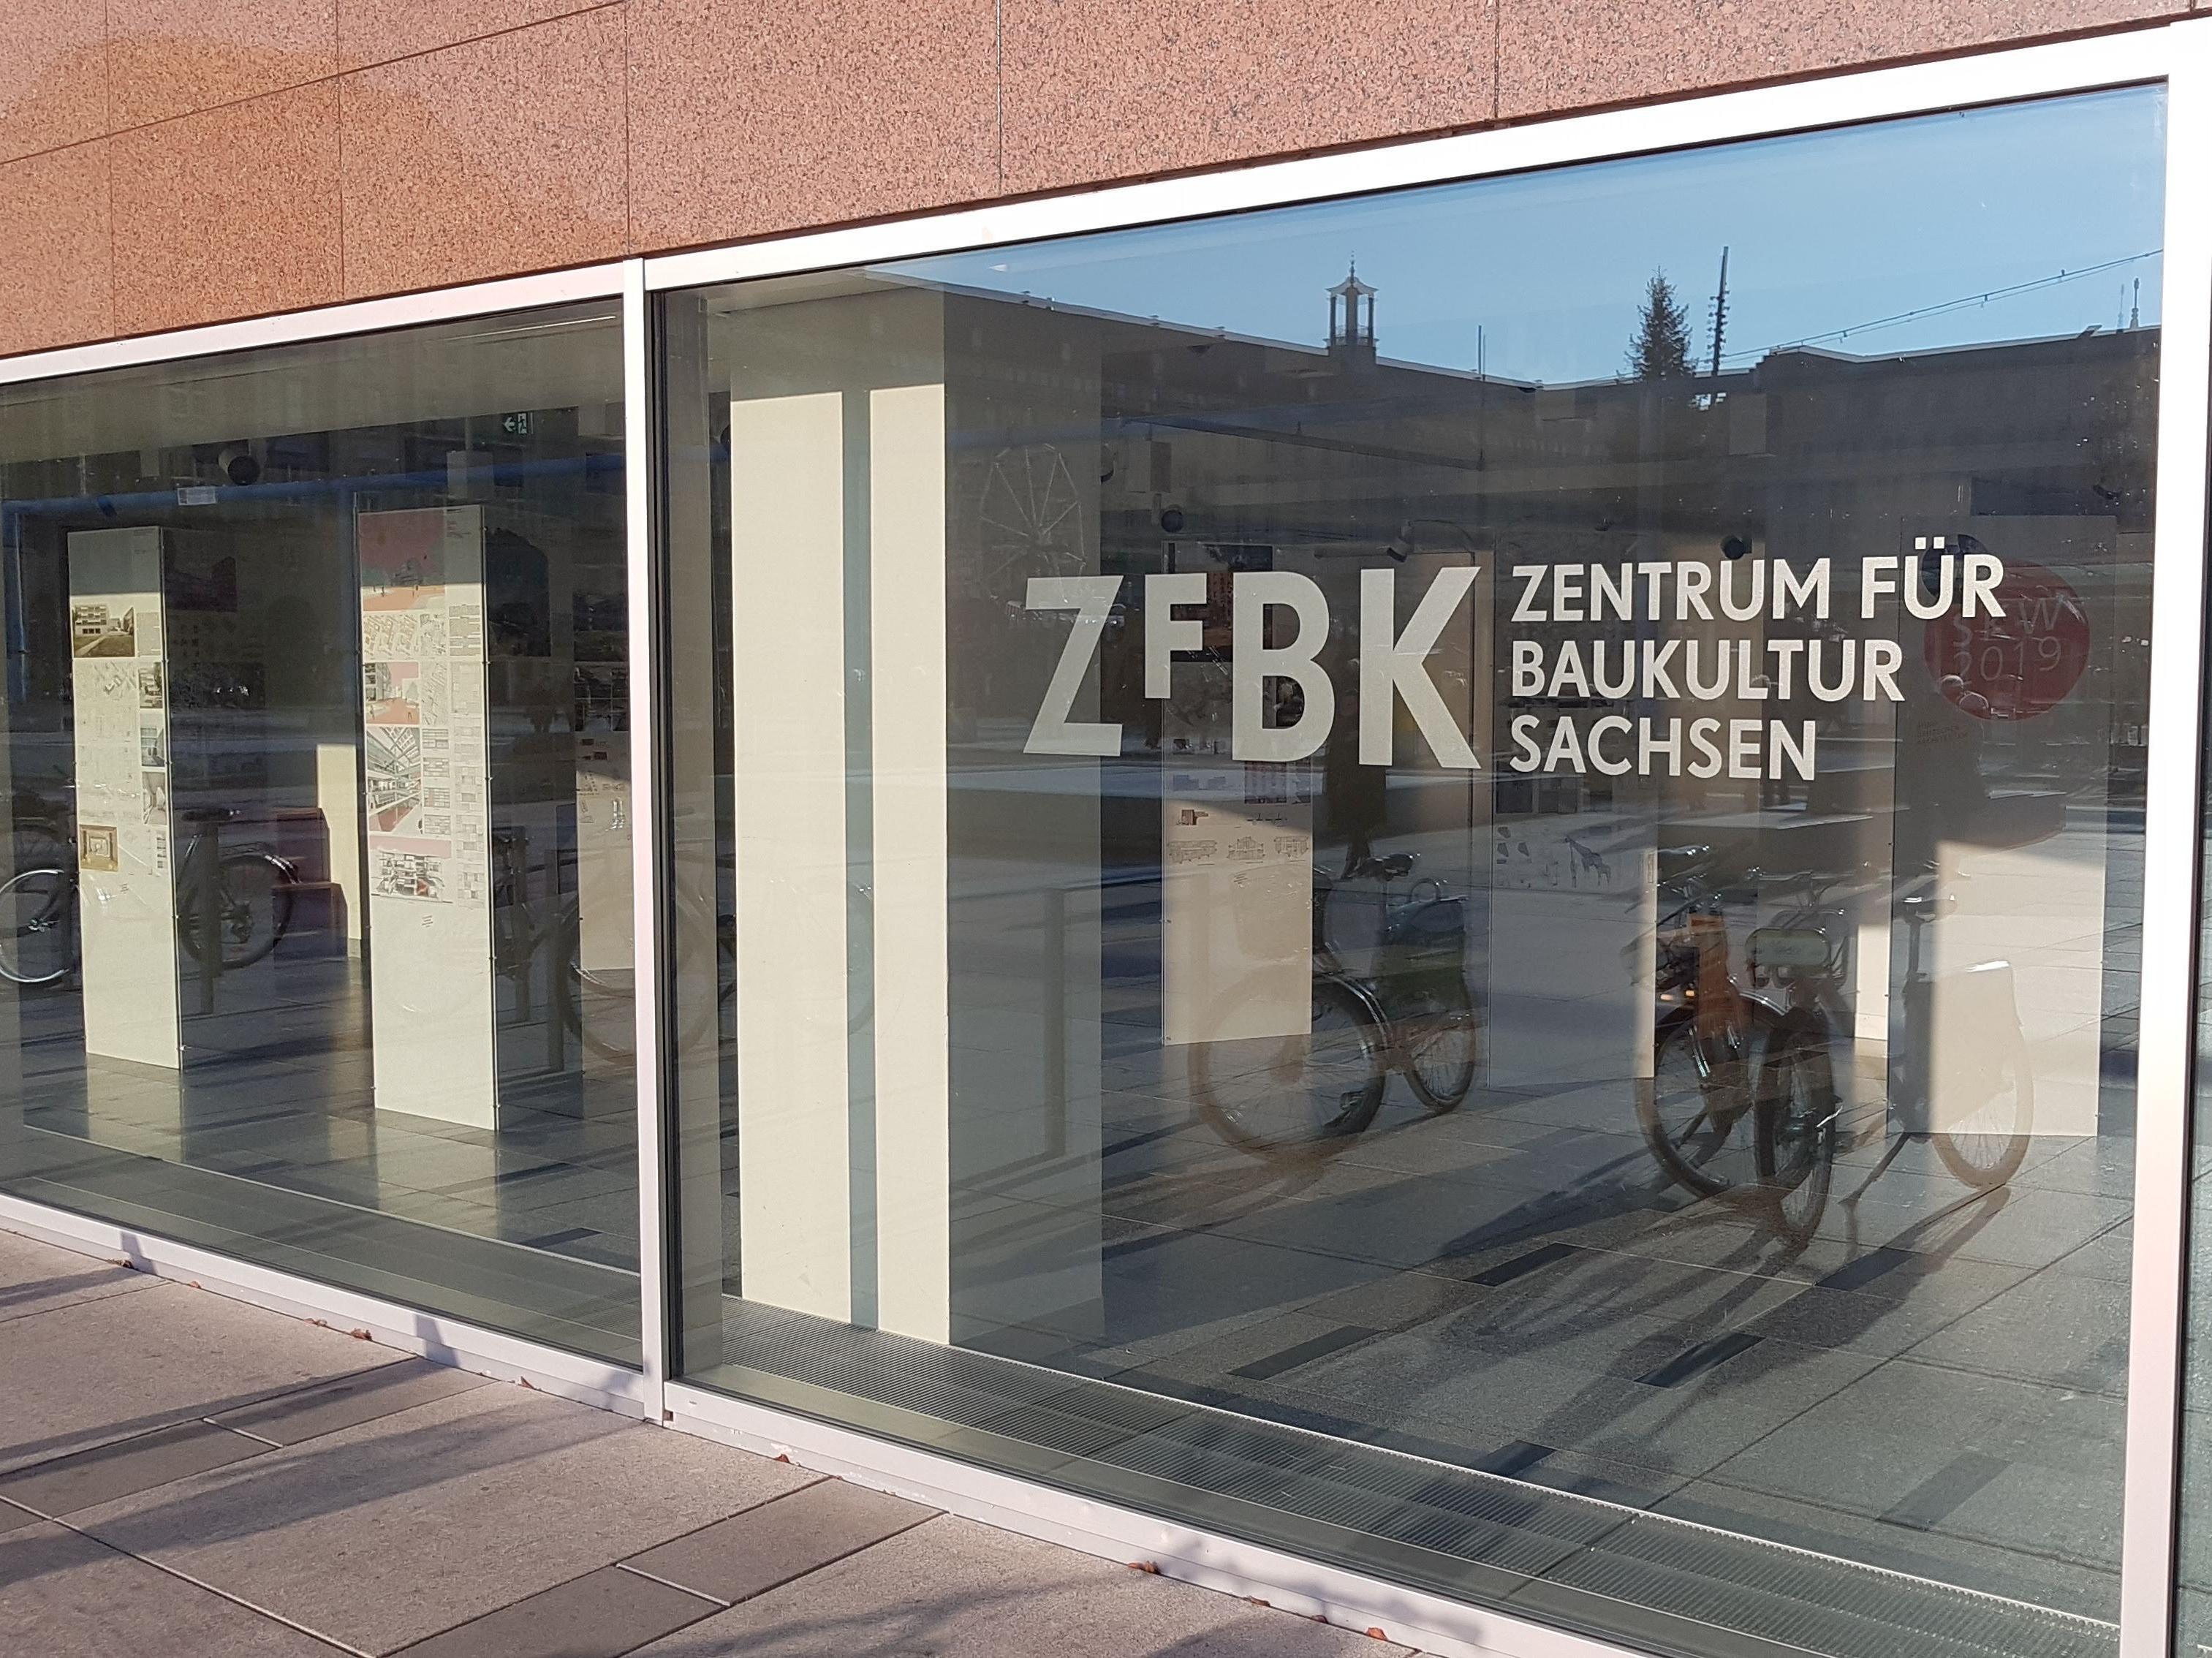 Zentrum für Baukultur Sachsen